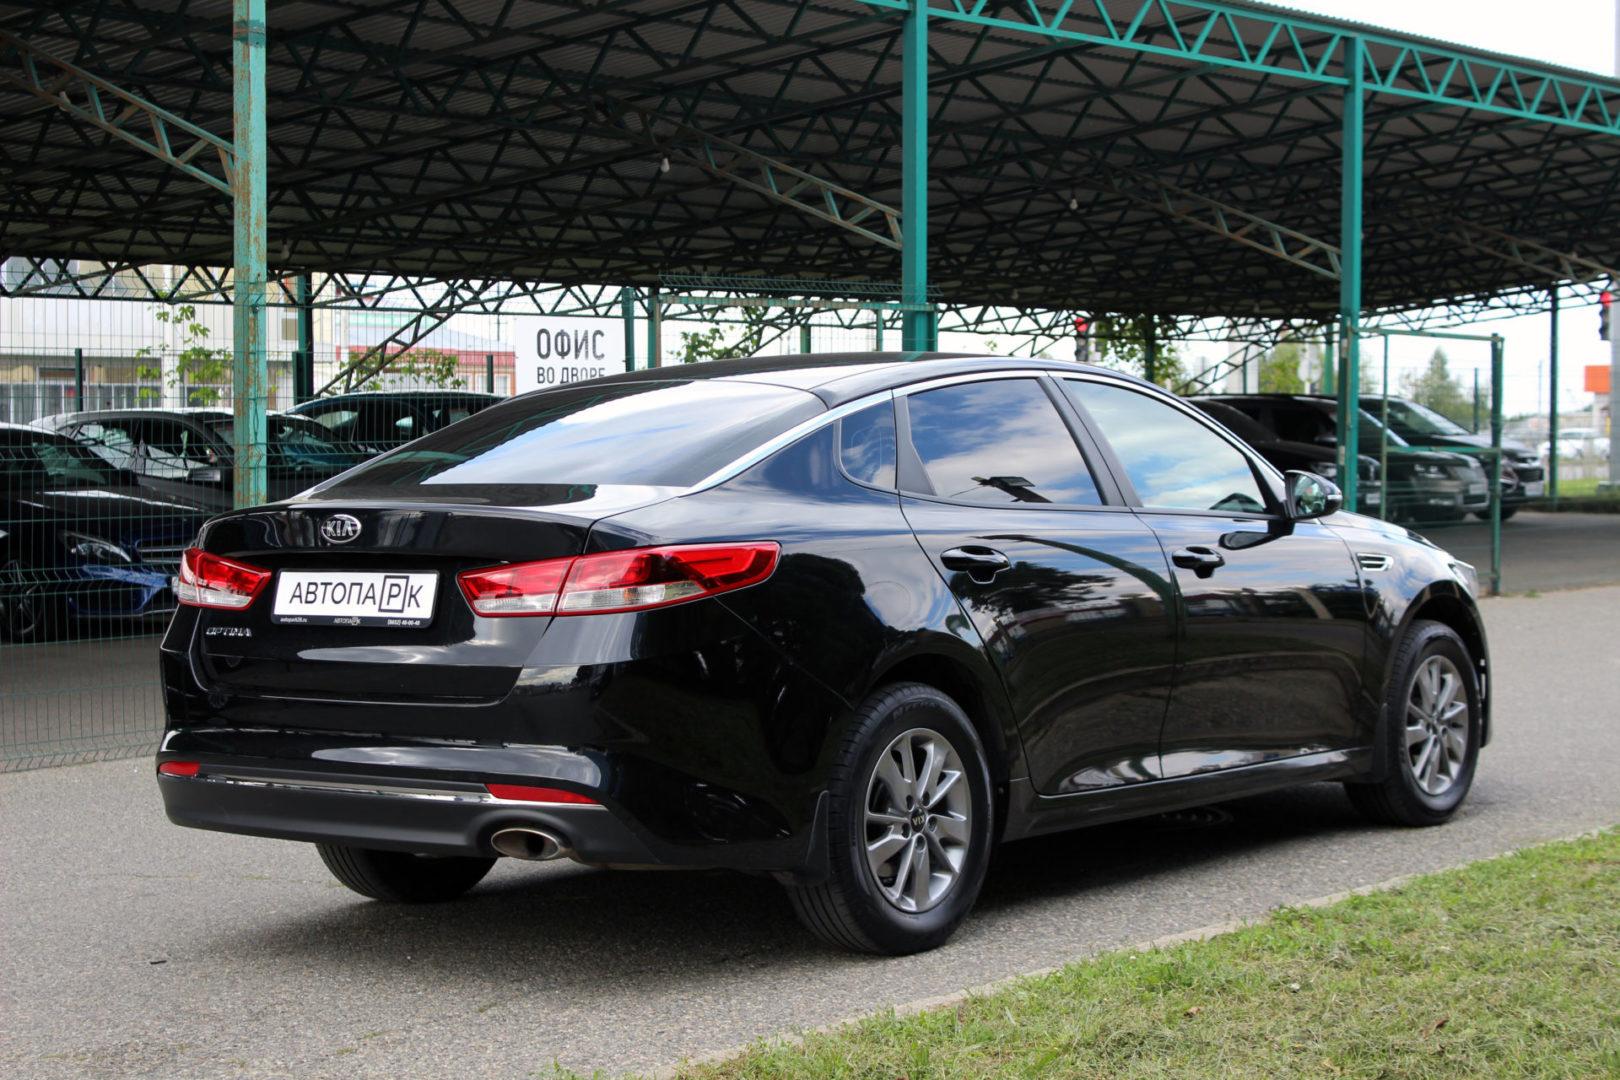 Купить Kia Optima (Черный) - Автопарк Ставрополь